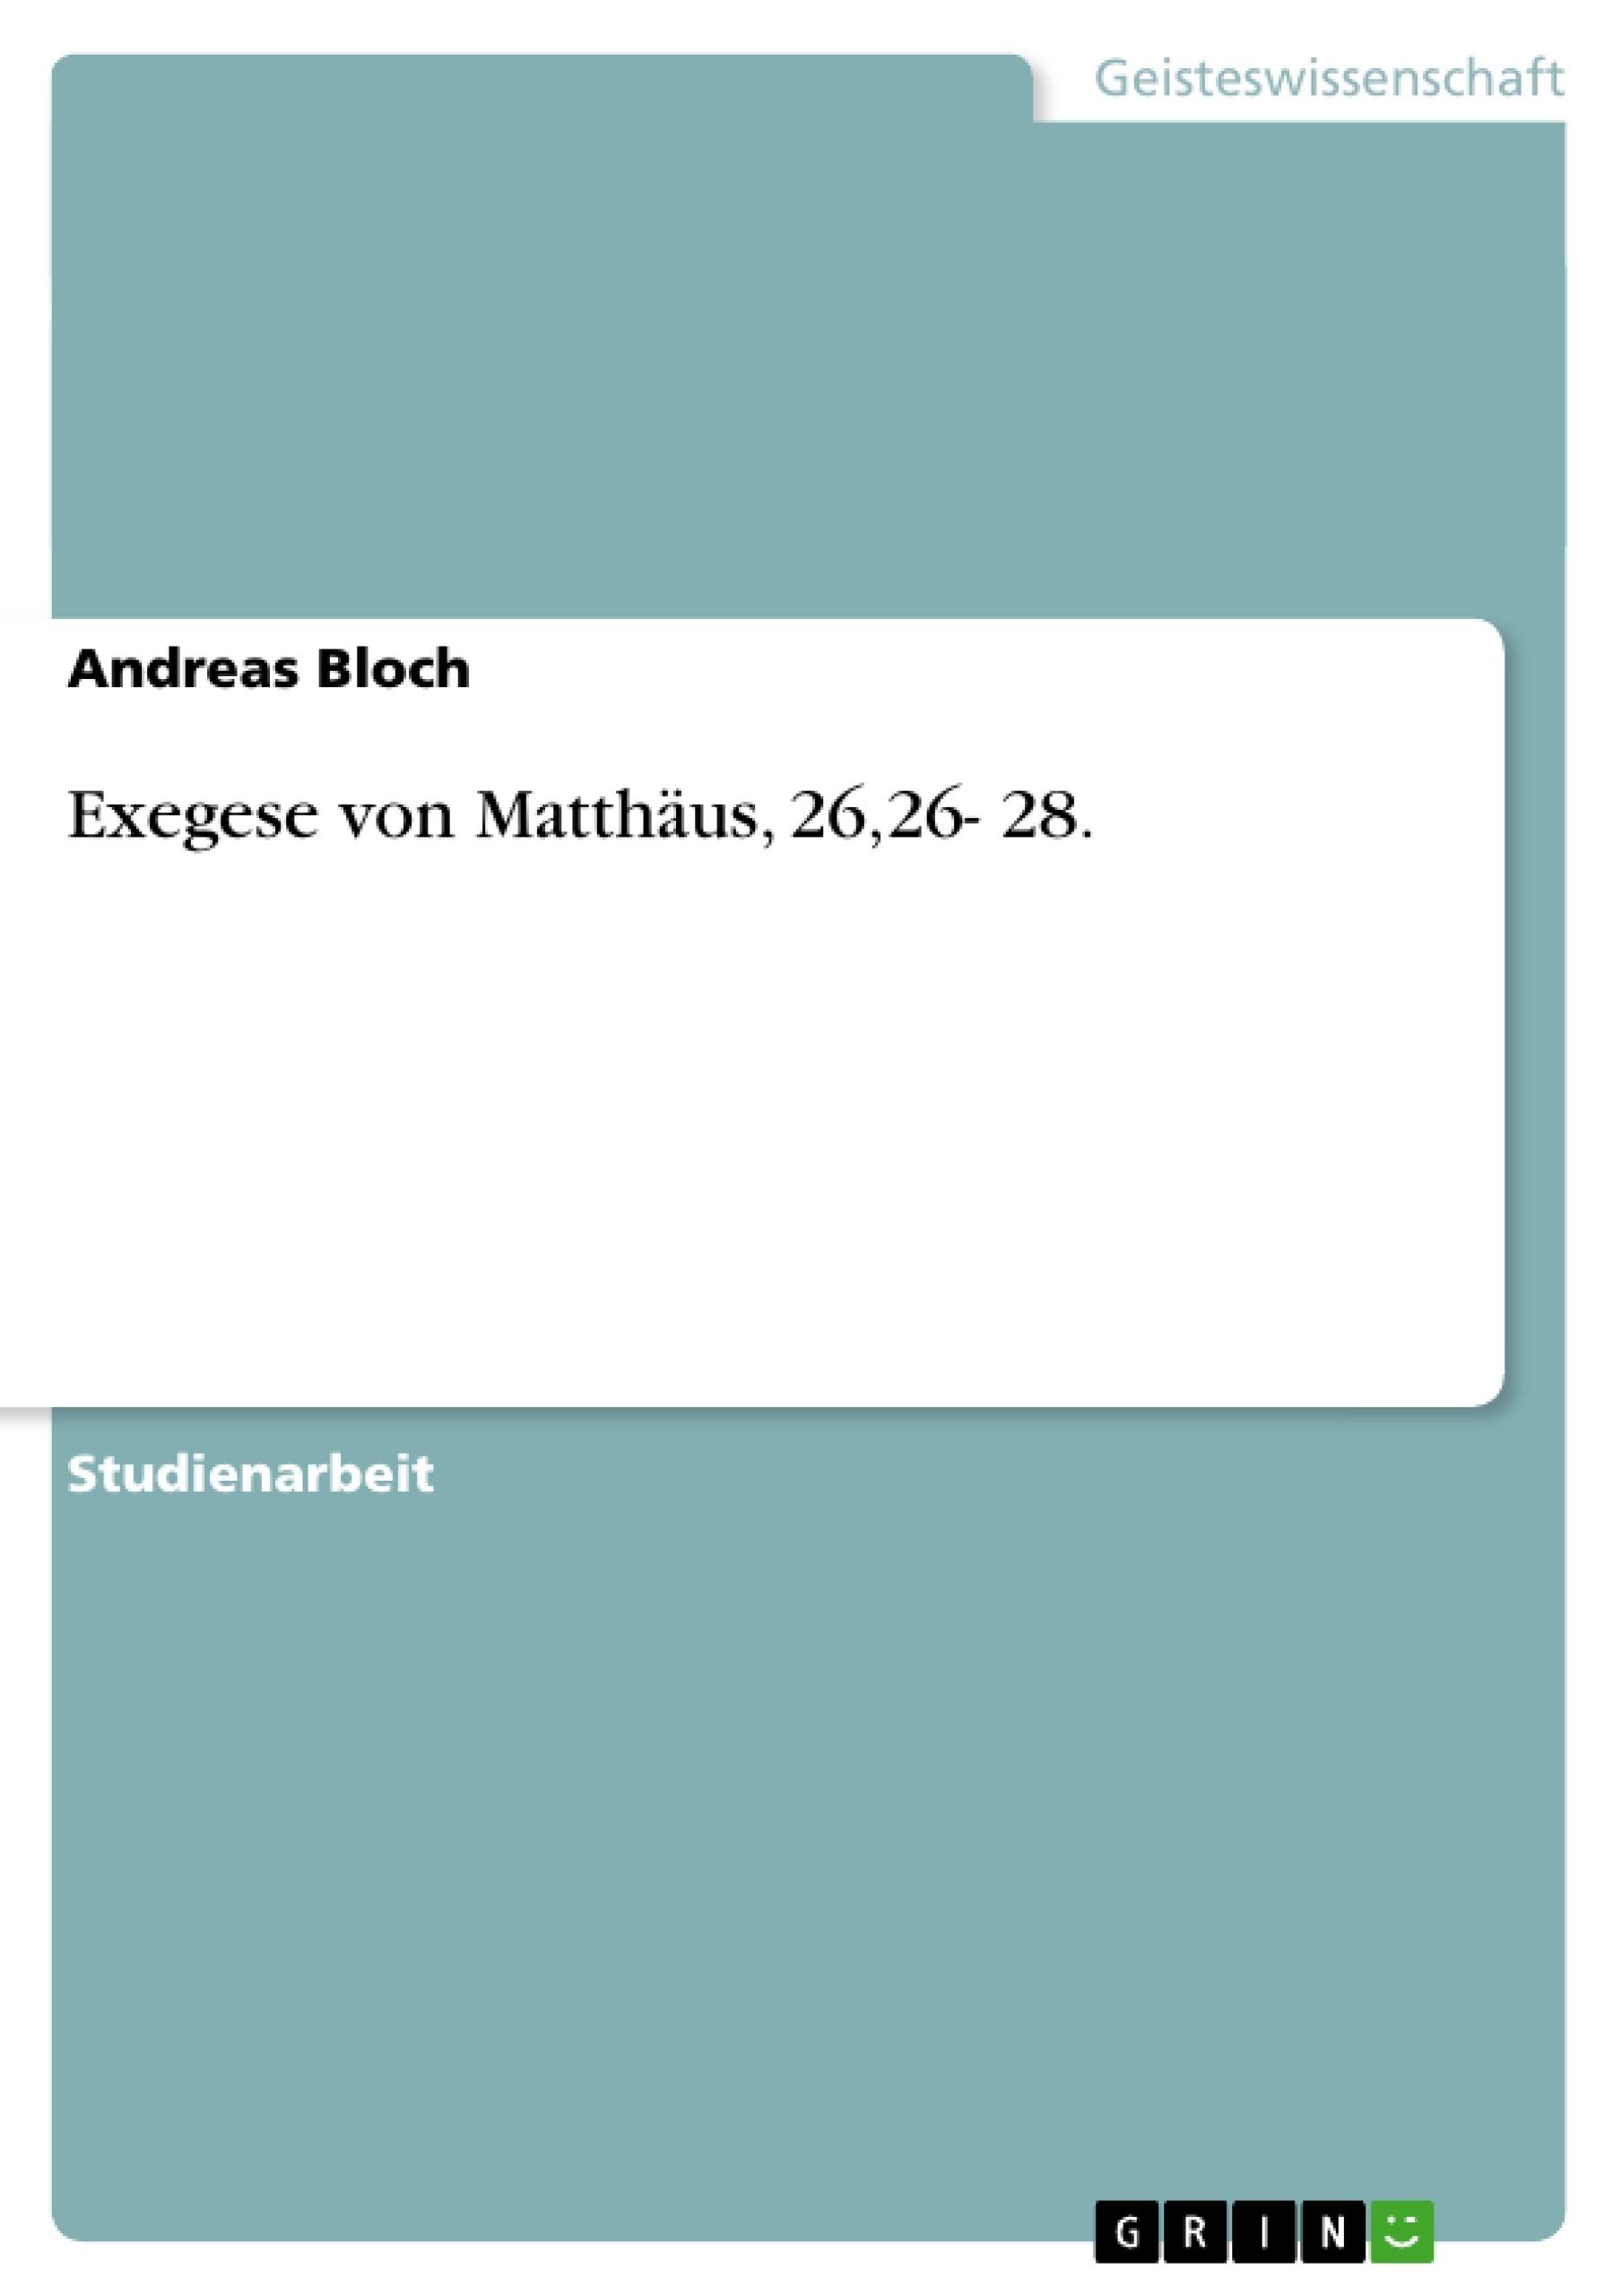 Titel: Exegese von Matthäus, 26,26- 28.